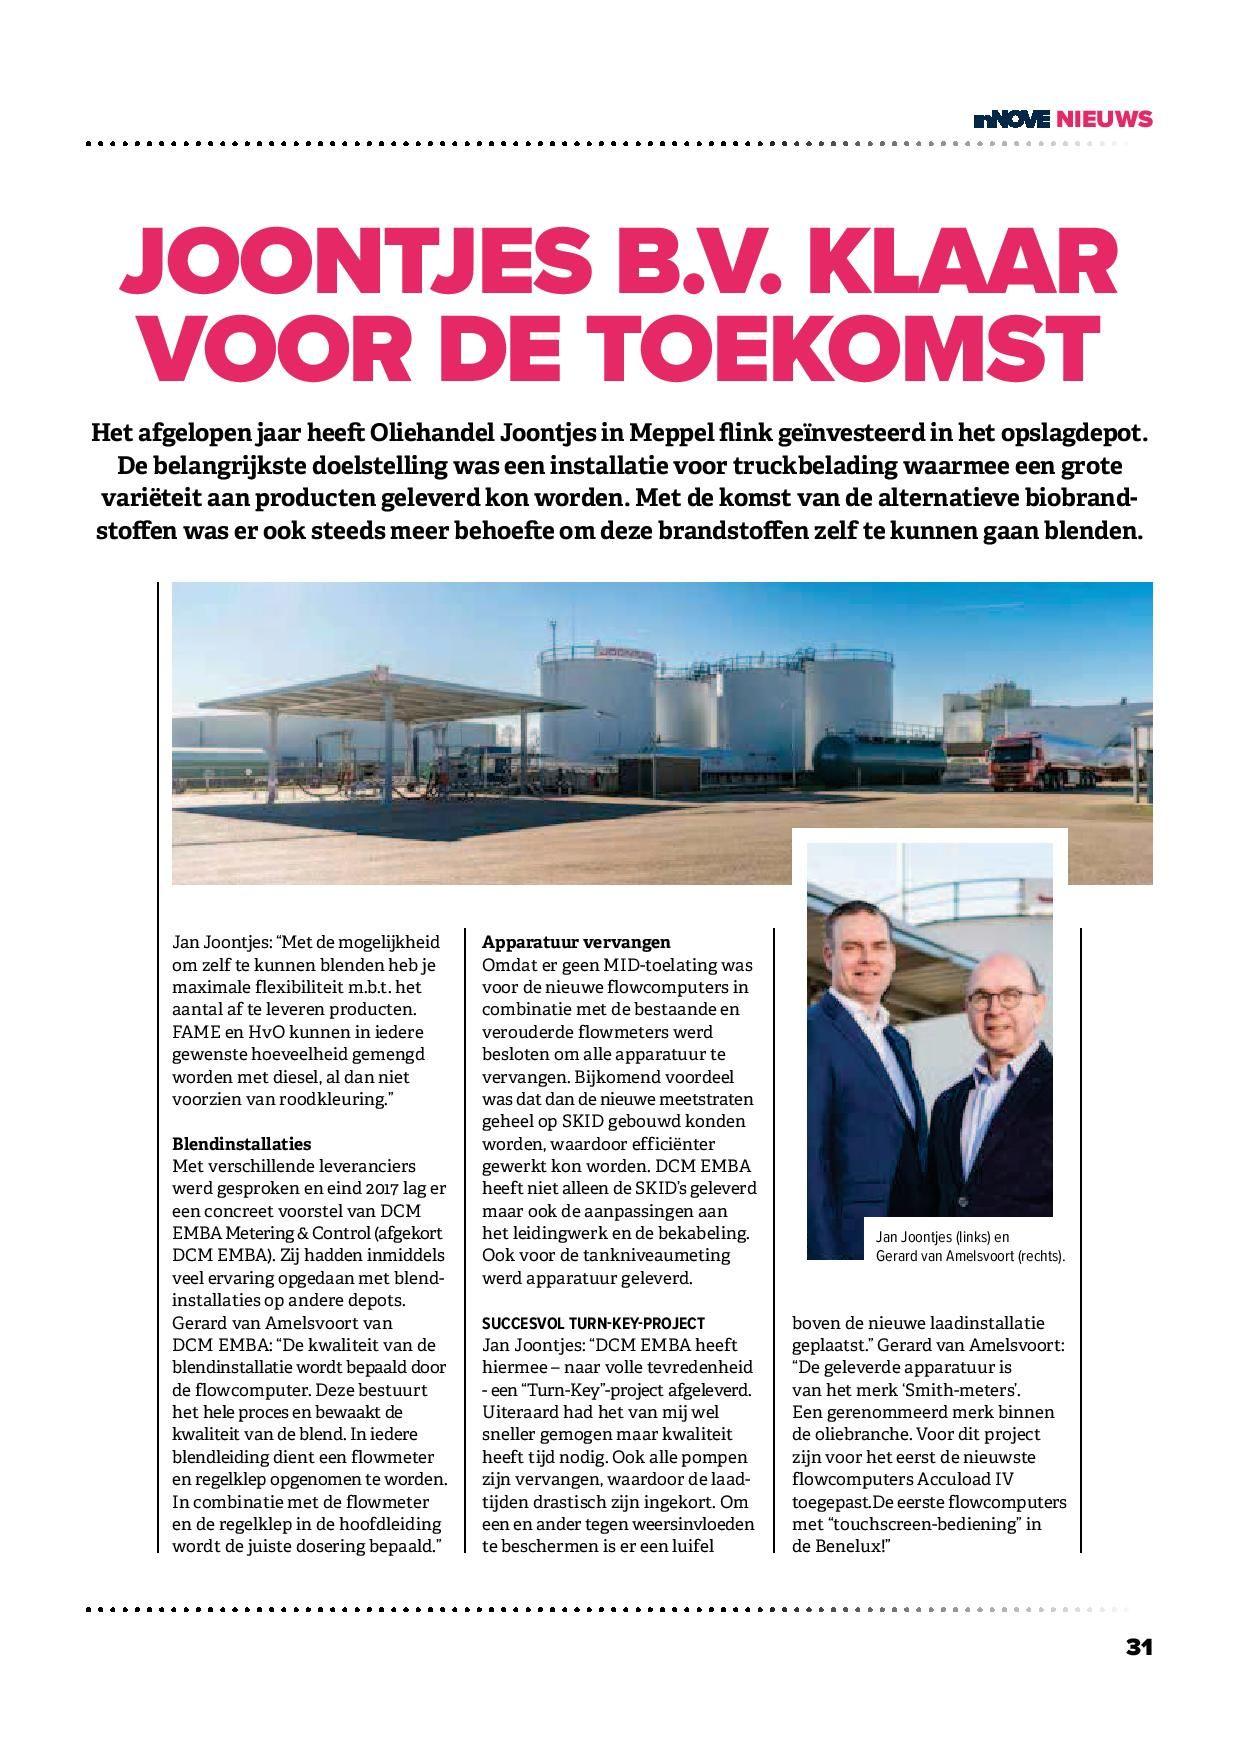 2019-01 inNOVE NOVE Nieuws - Joontjes bv klaar voor de toekomst-page-001 (1)